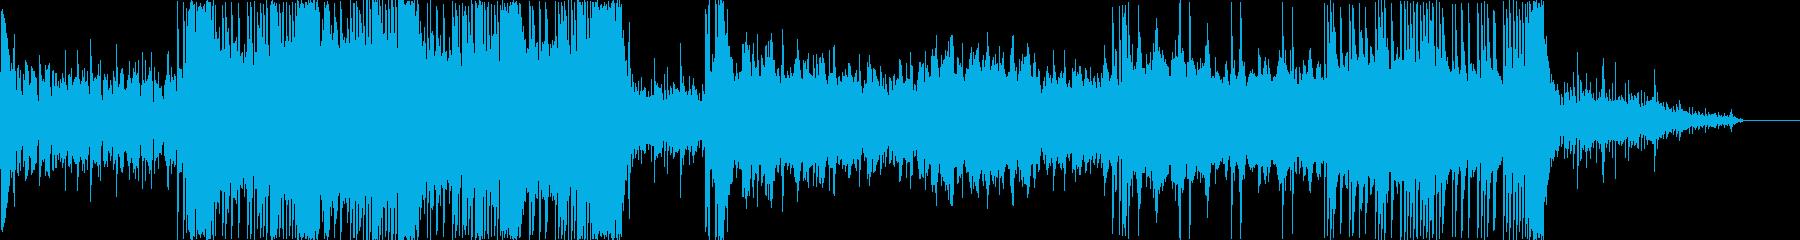 疾走感と爽やかさのあるテクノロックの再生済みの波形